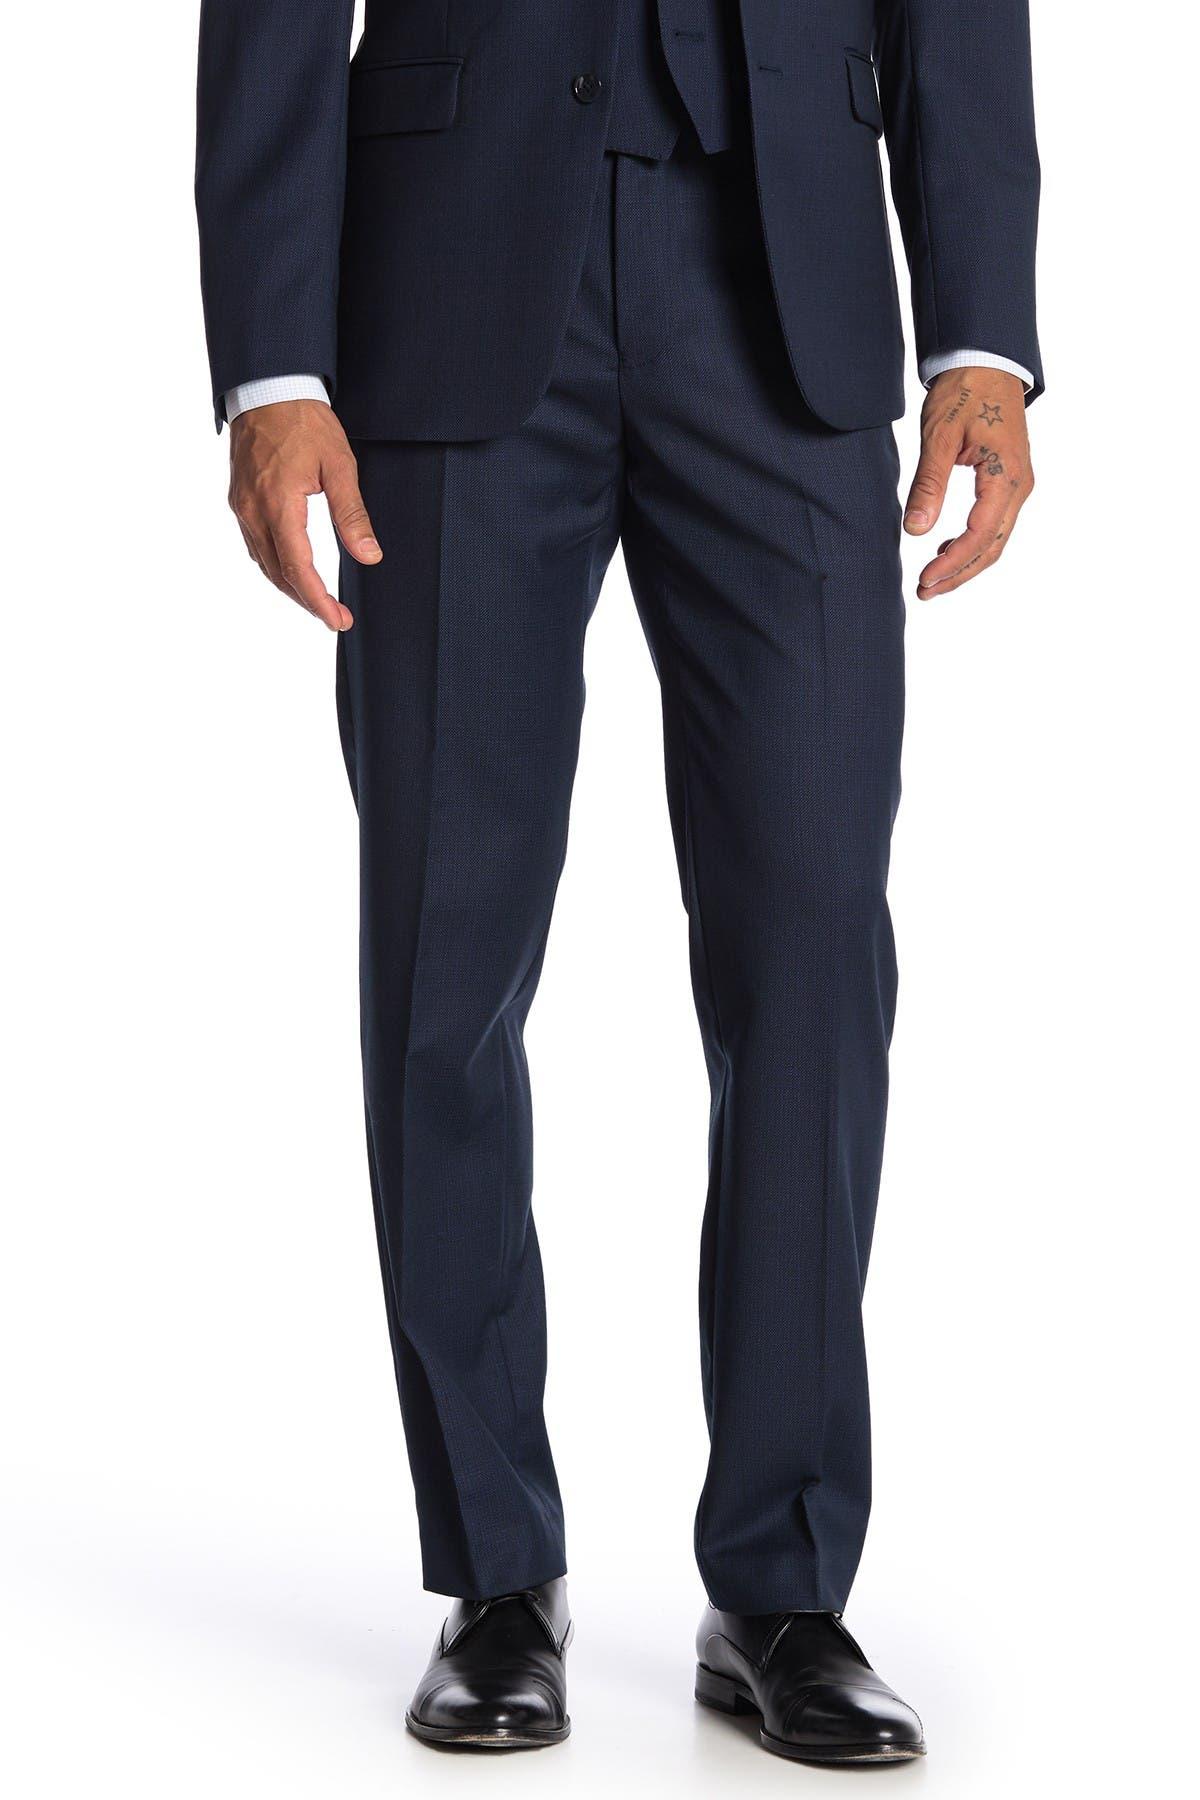 Image of Calvin Klein Bidseye Wool Suit Separate Slim Fit Pants